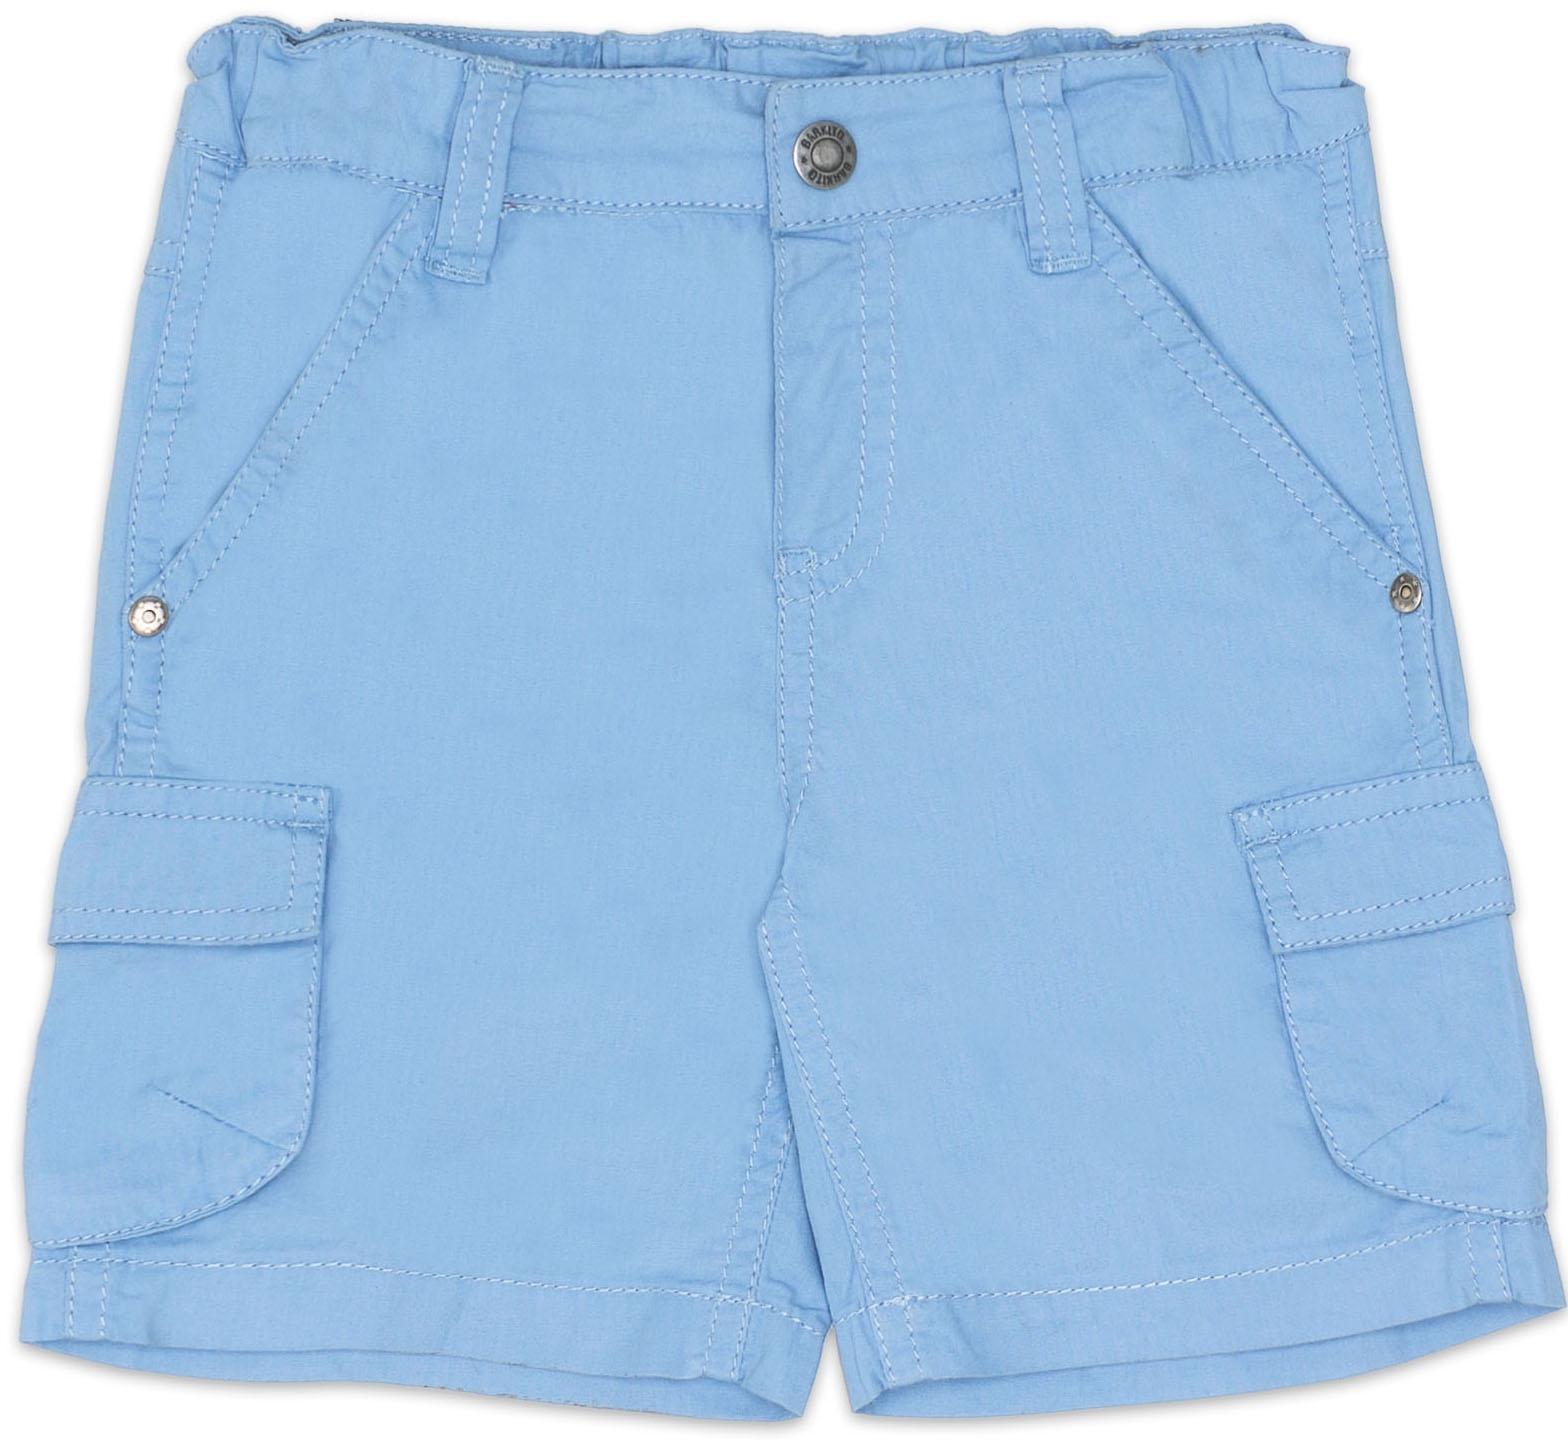 Шорты Barkito Шорты для мальчика Barkito Пираты семи морей, голубые шорты barkito шорты джинсовые для мальчика barkito супергерой голубые